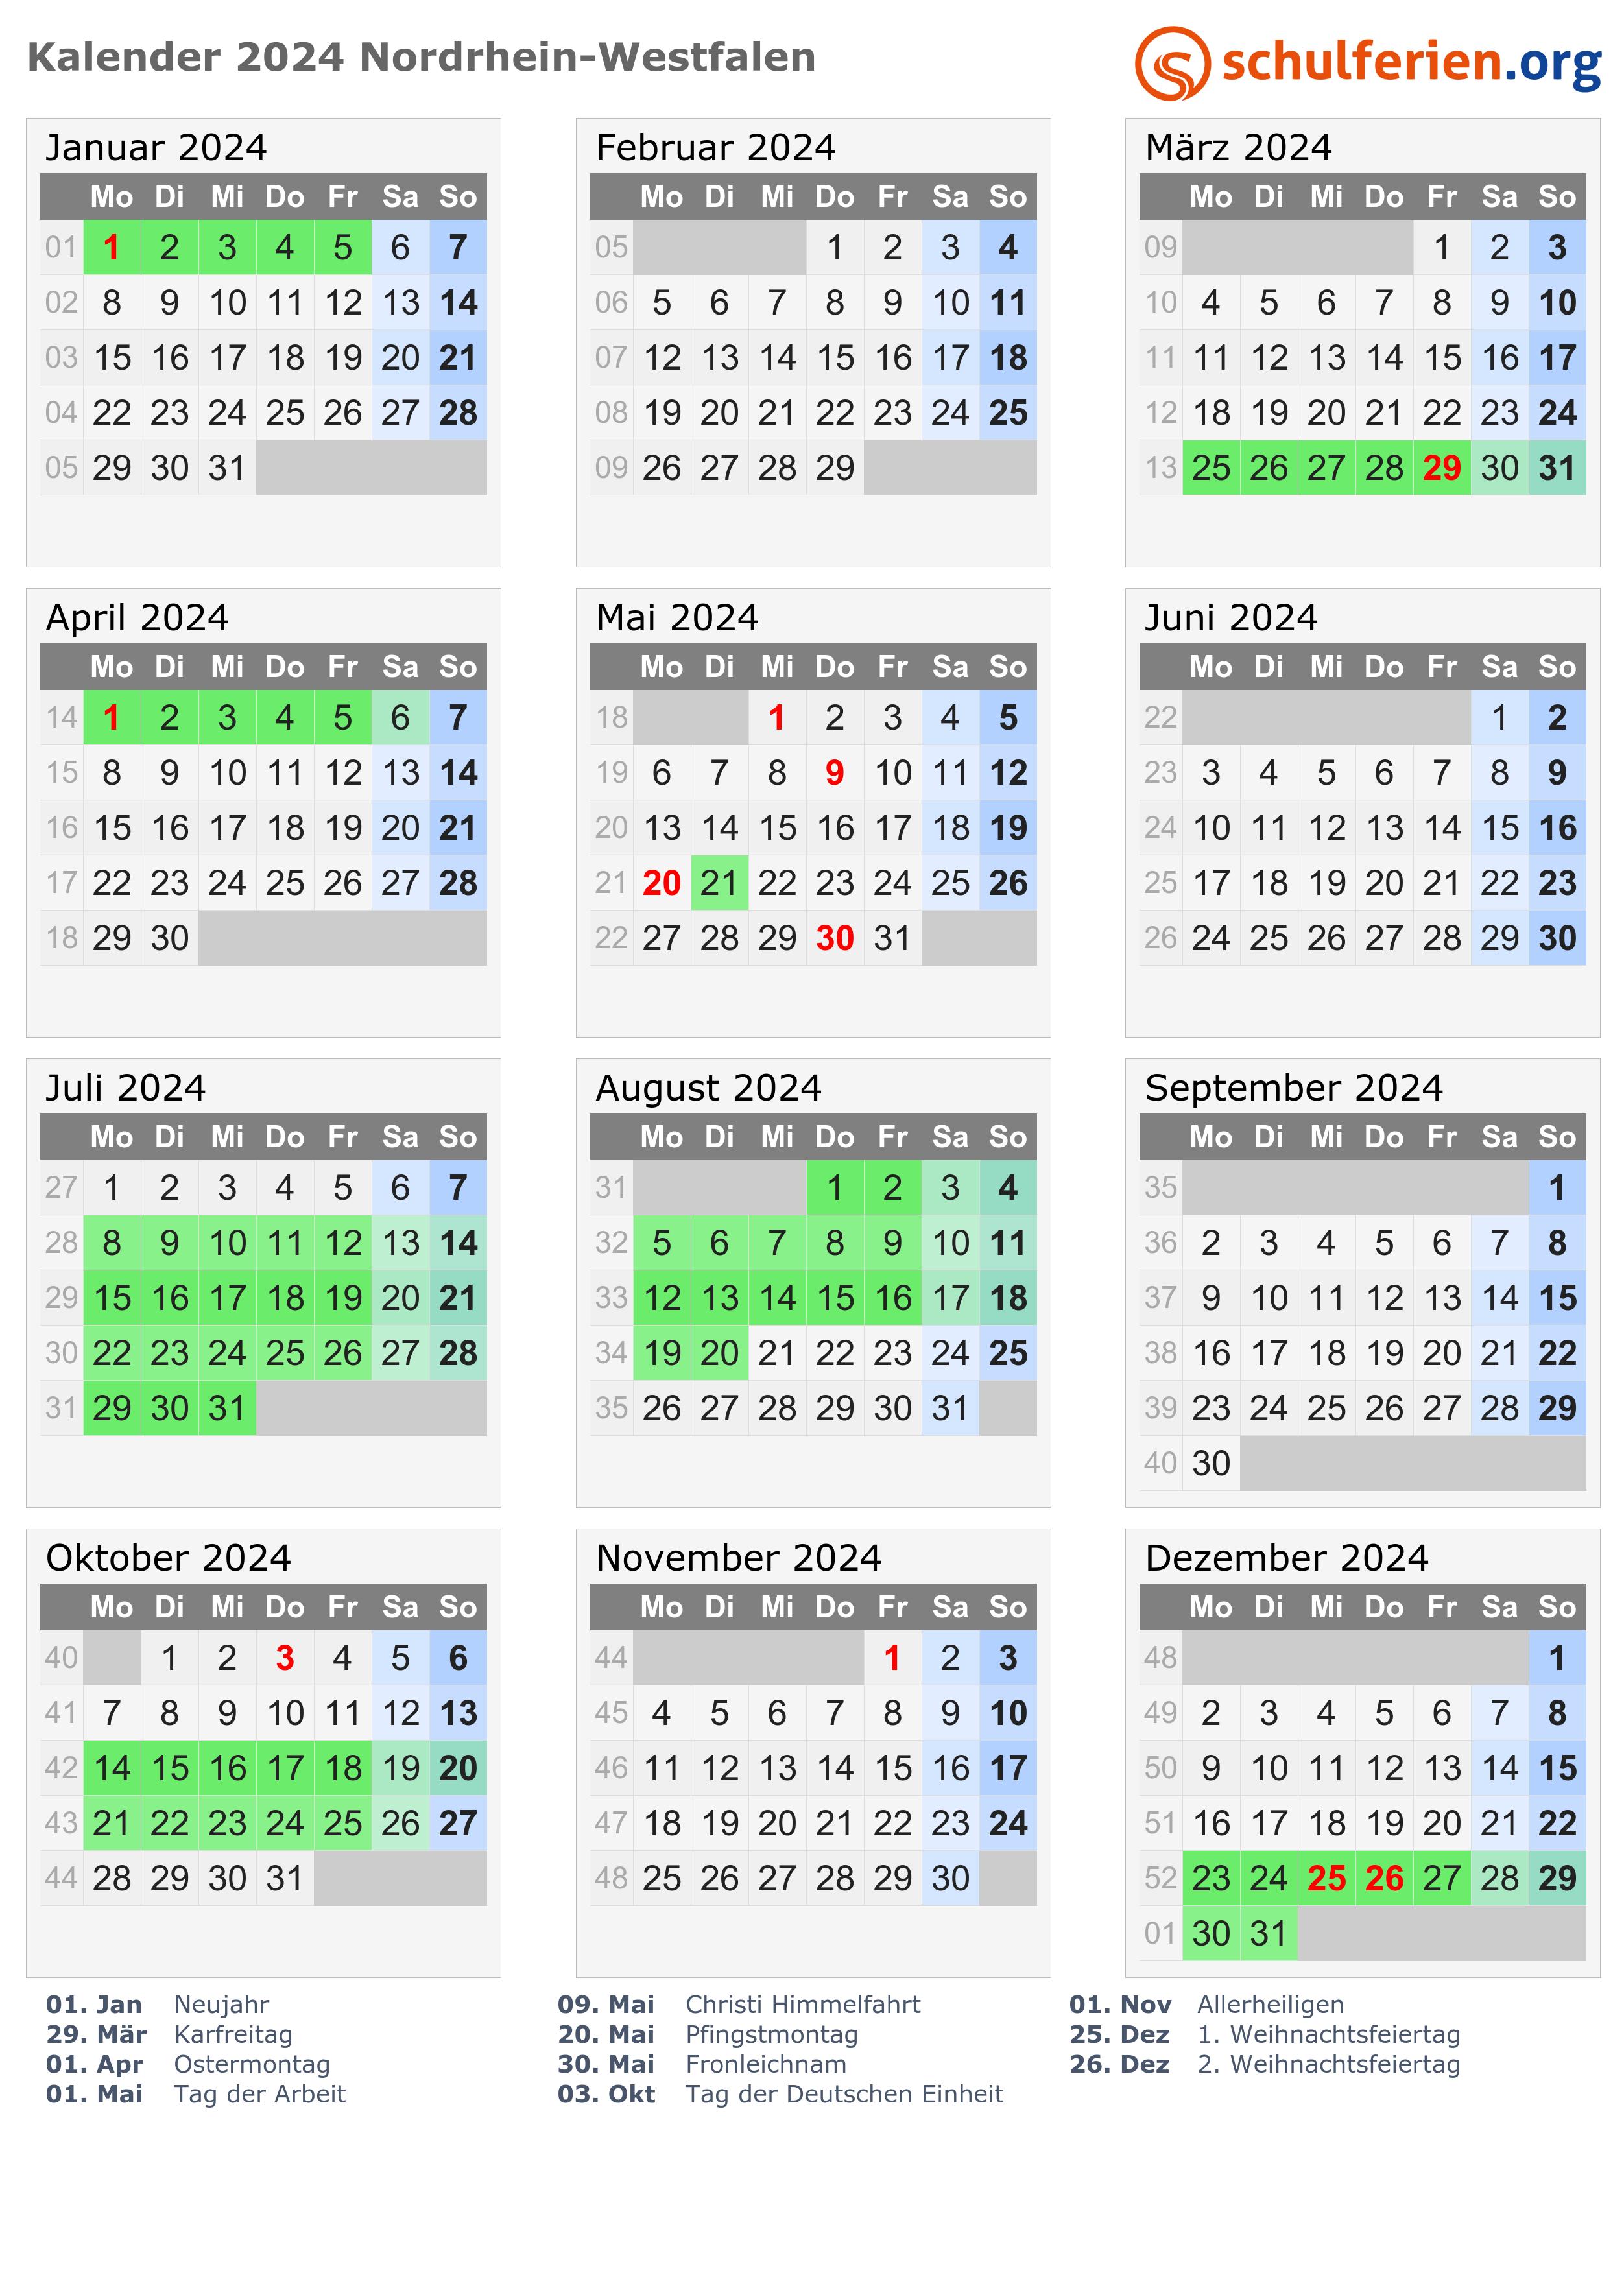 Ferien Nordrhein Westfalen 2018 Ferienkalender Ubersicht